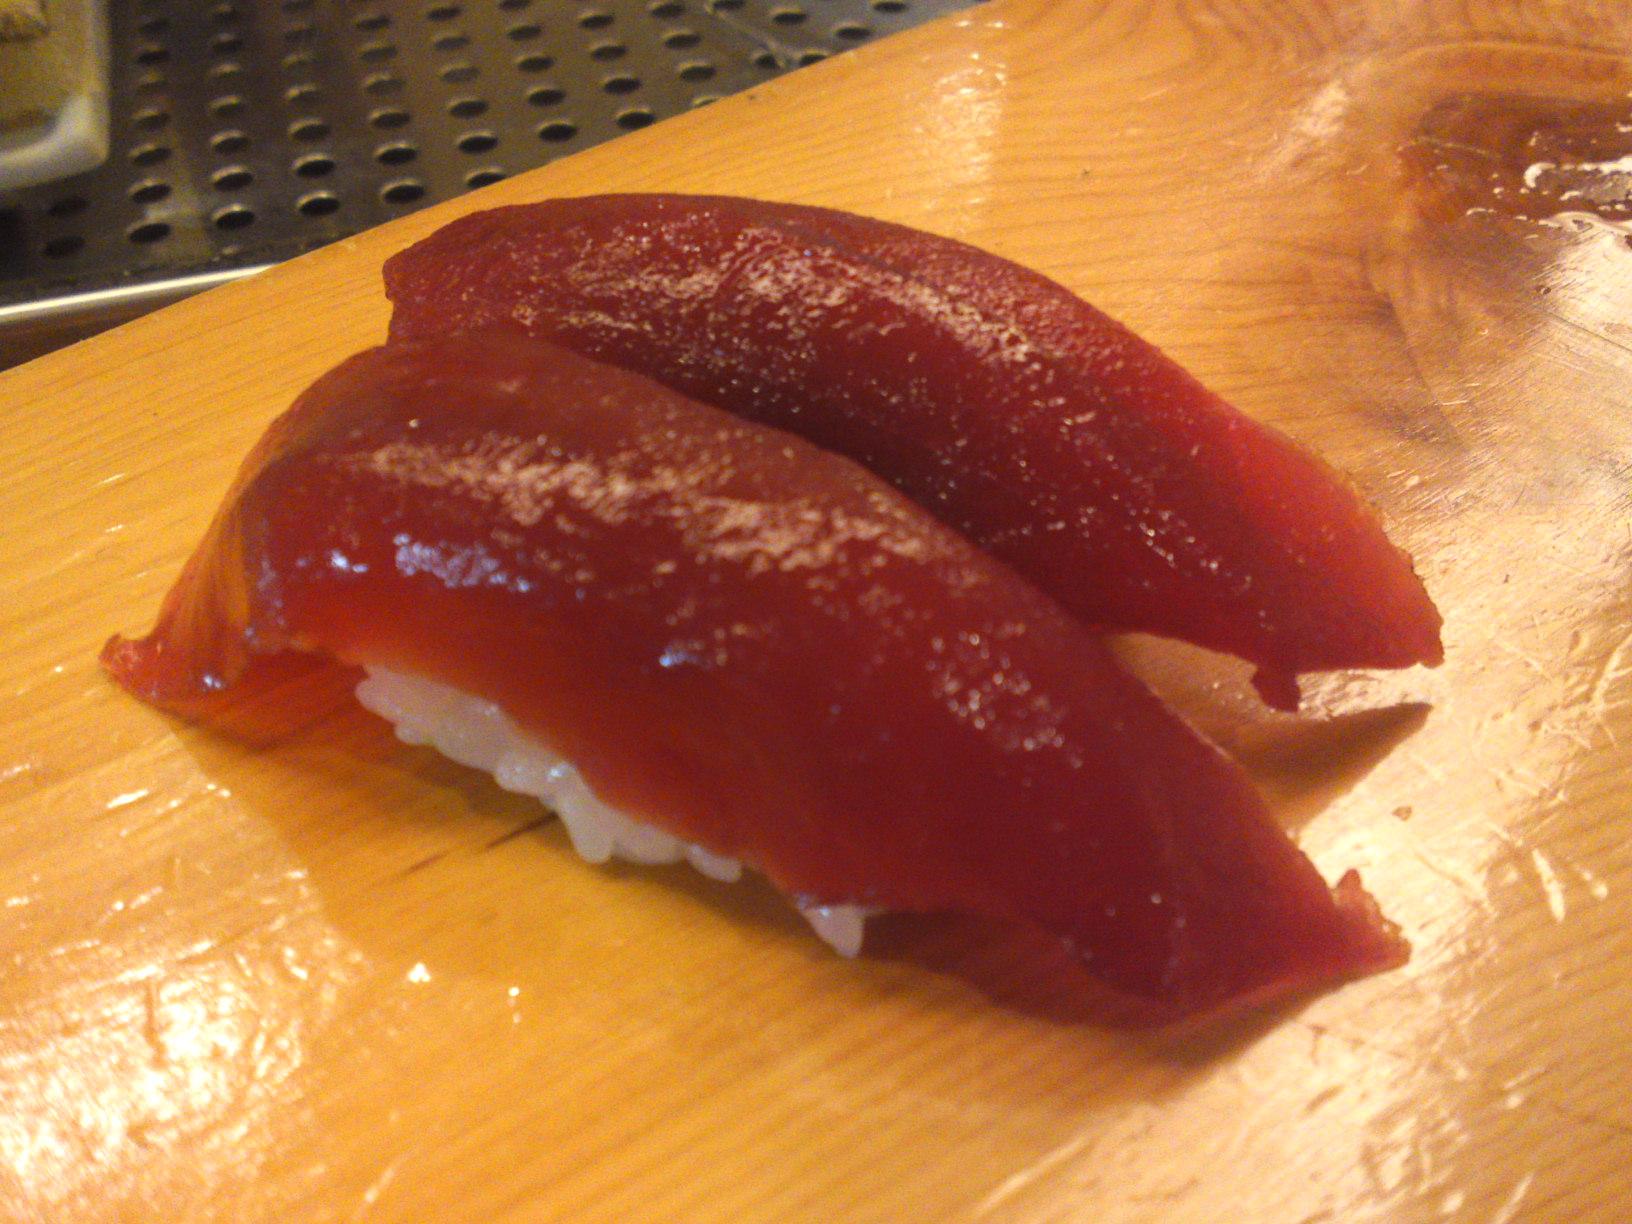 Tuna, Mauro sushi, in Japan